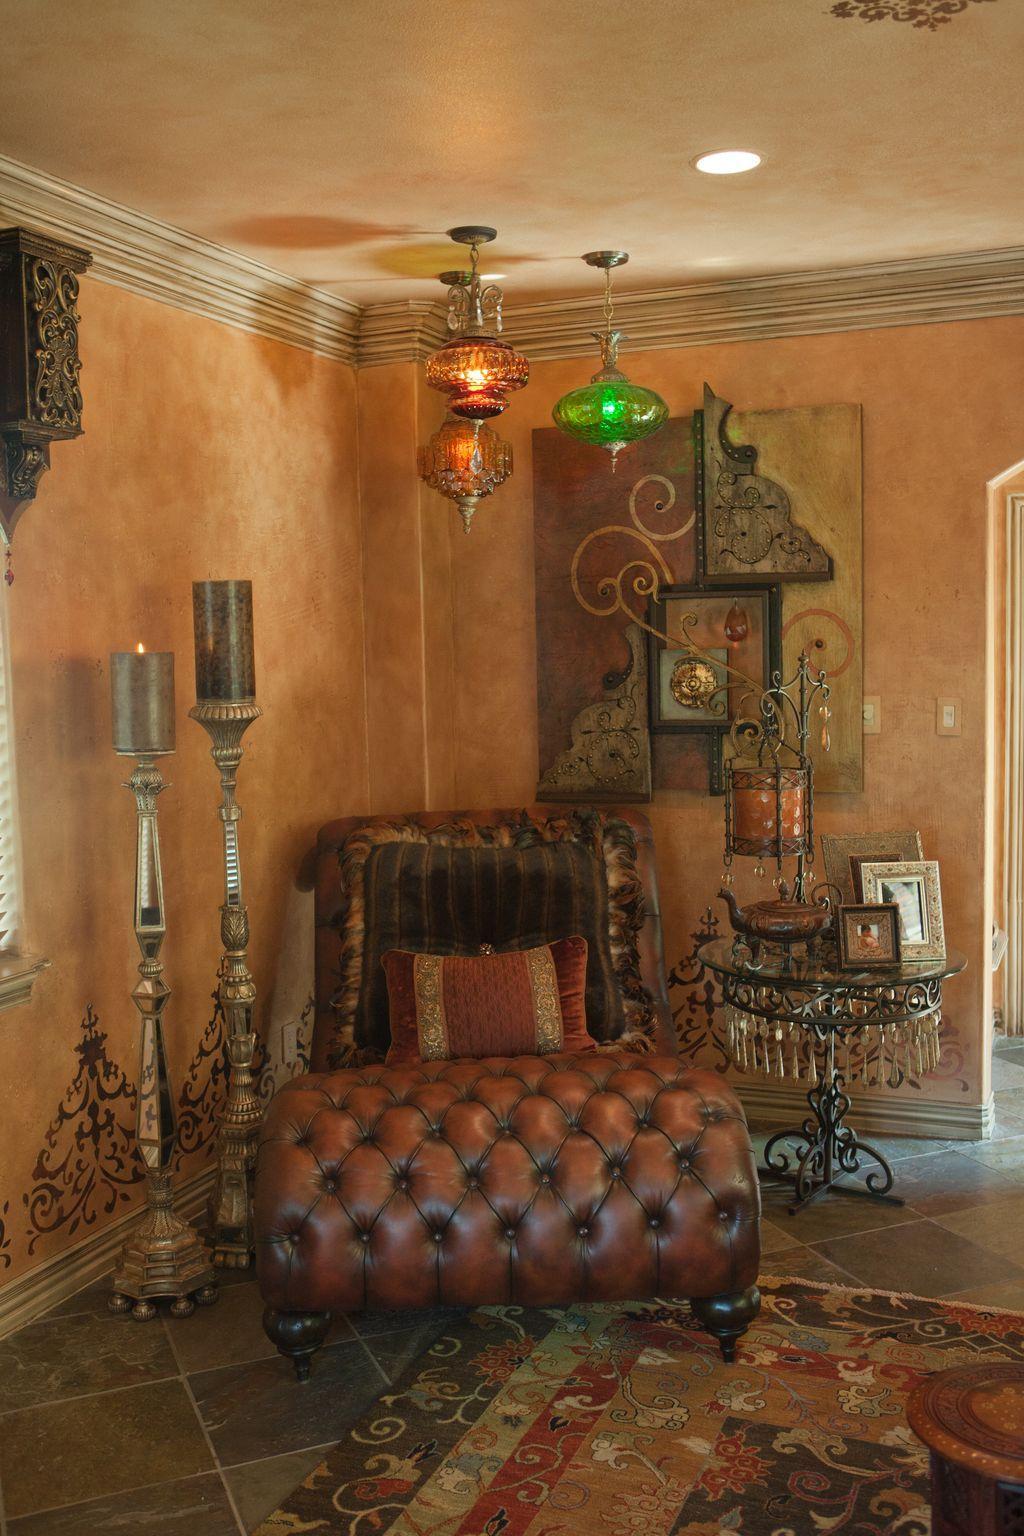 Toskanisches Badezimmer, Hauptschlafzimmer, Donna Moss, Toskanische  Wohnzimmer, Wohnzimmer Ideen, Toskana Style, Hausecke, Möbel